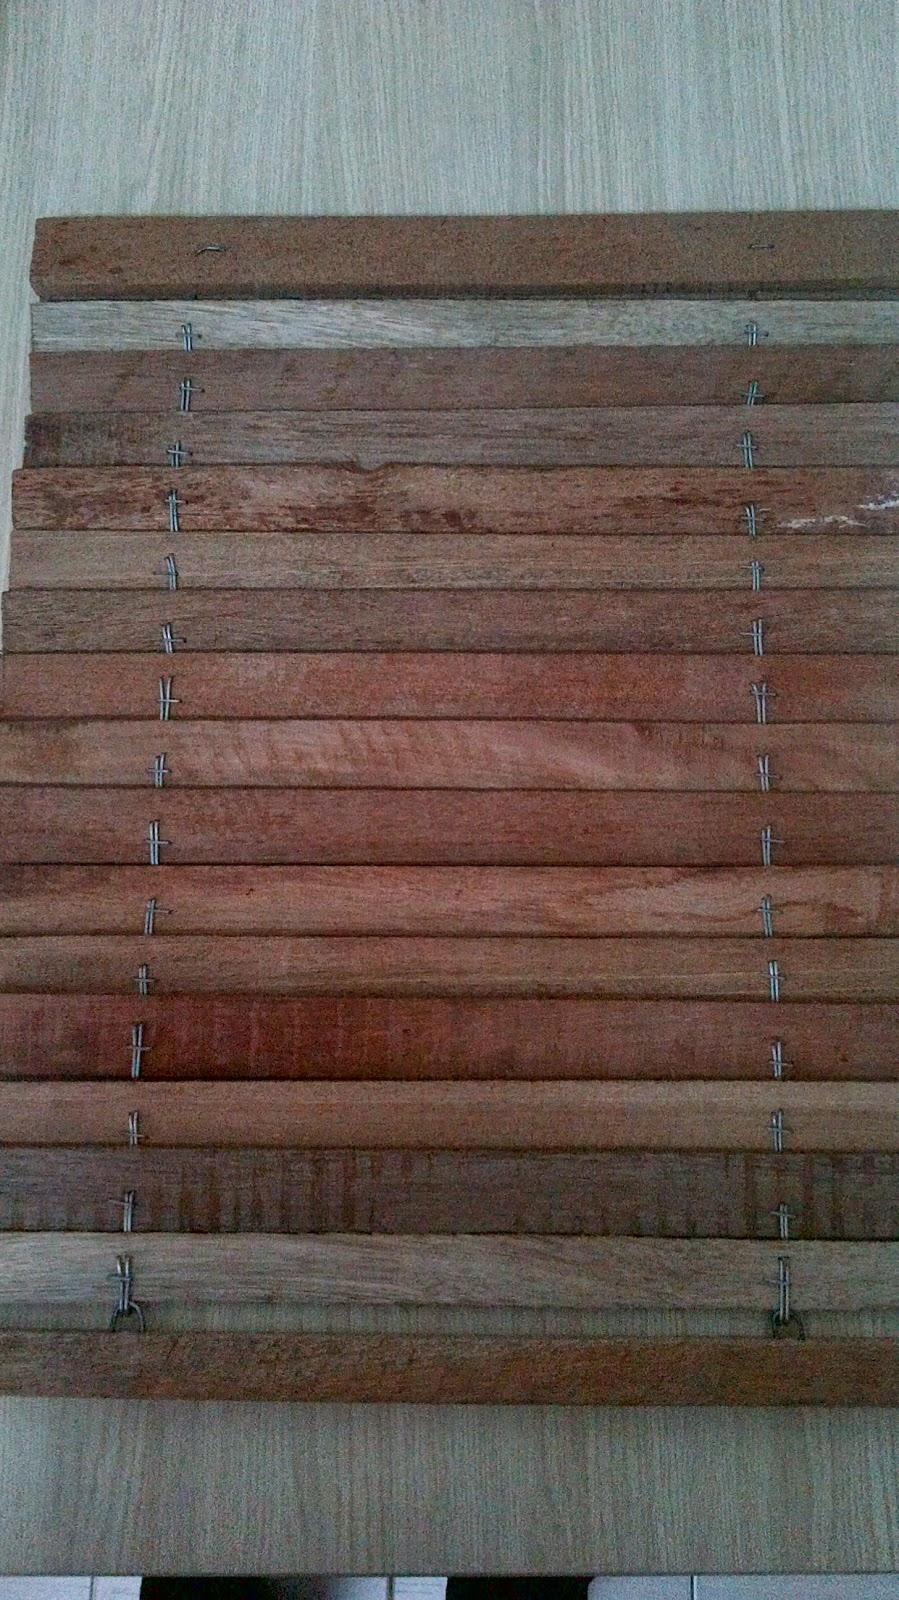 mành gỗ che nắng mưa